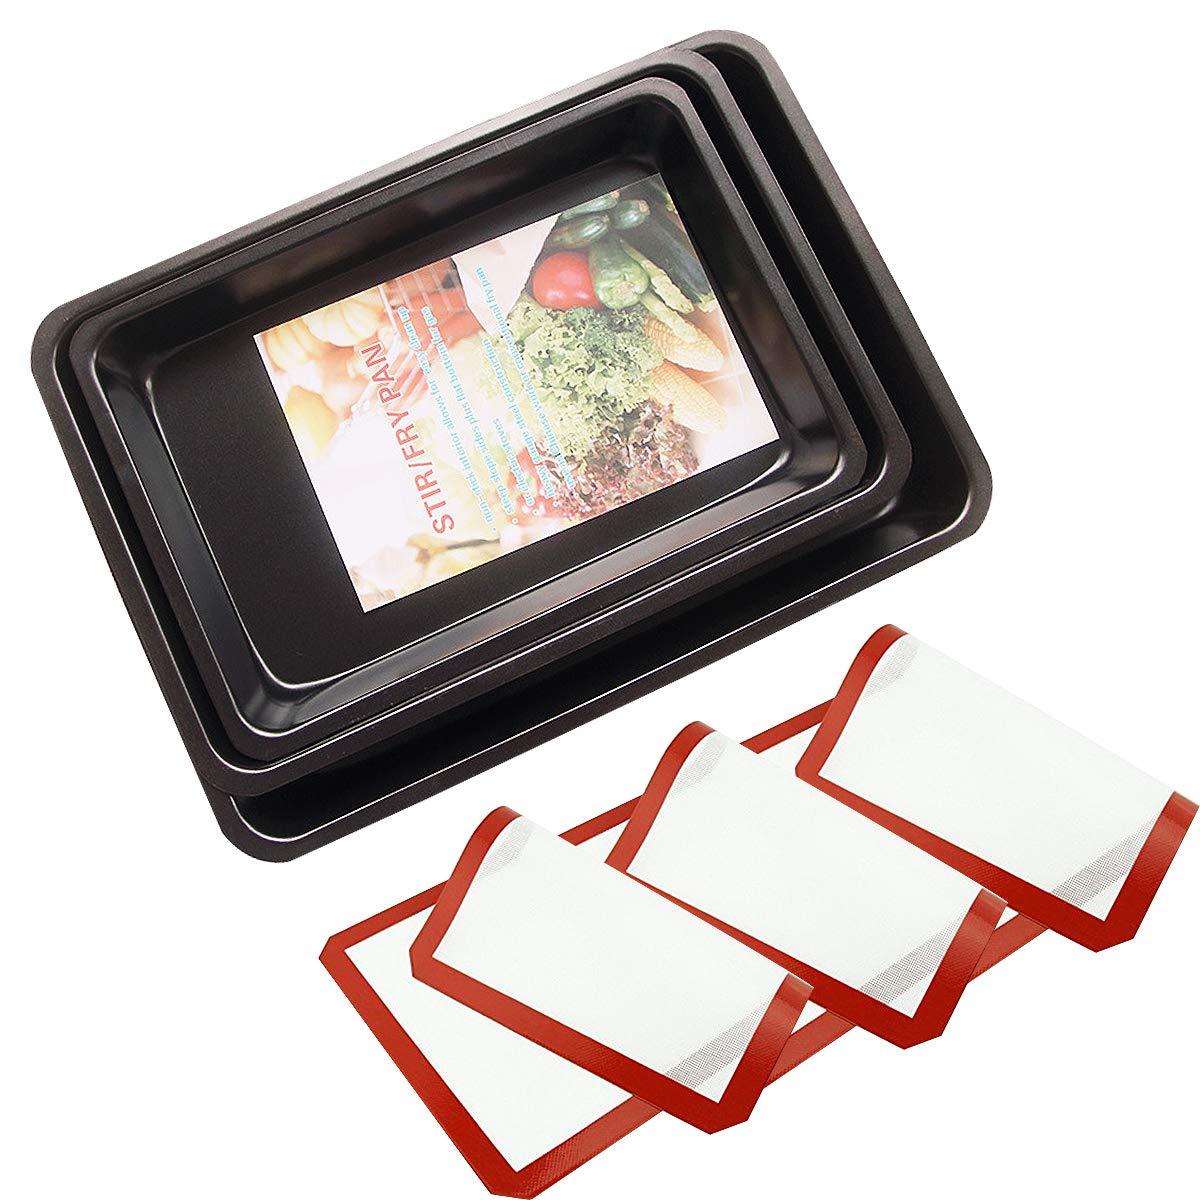 Backblech 3-teilig, Carbon Stahl, einfach zu reinigende, Antihaft-Beschichtung (28,5 * 19,5 * 3,5 cm) (31,5 * 21,5 * 3,5 cm) (34,5 * 24,5 * 3,5 cm) mit 3 Backmatten (rot) CMYKZONE